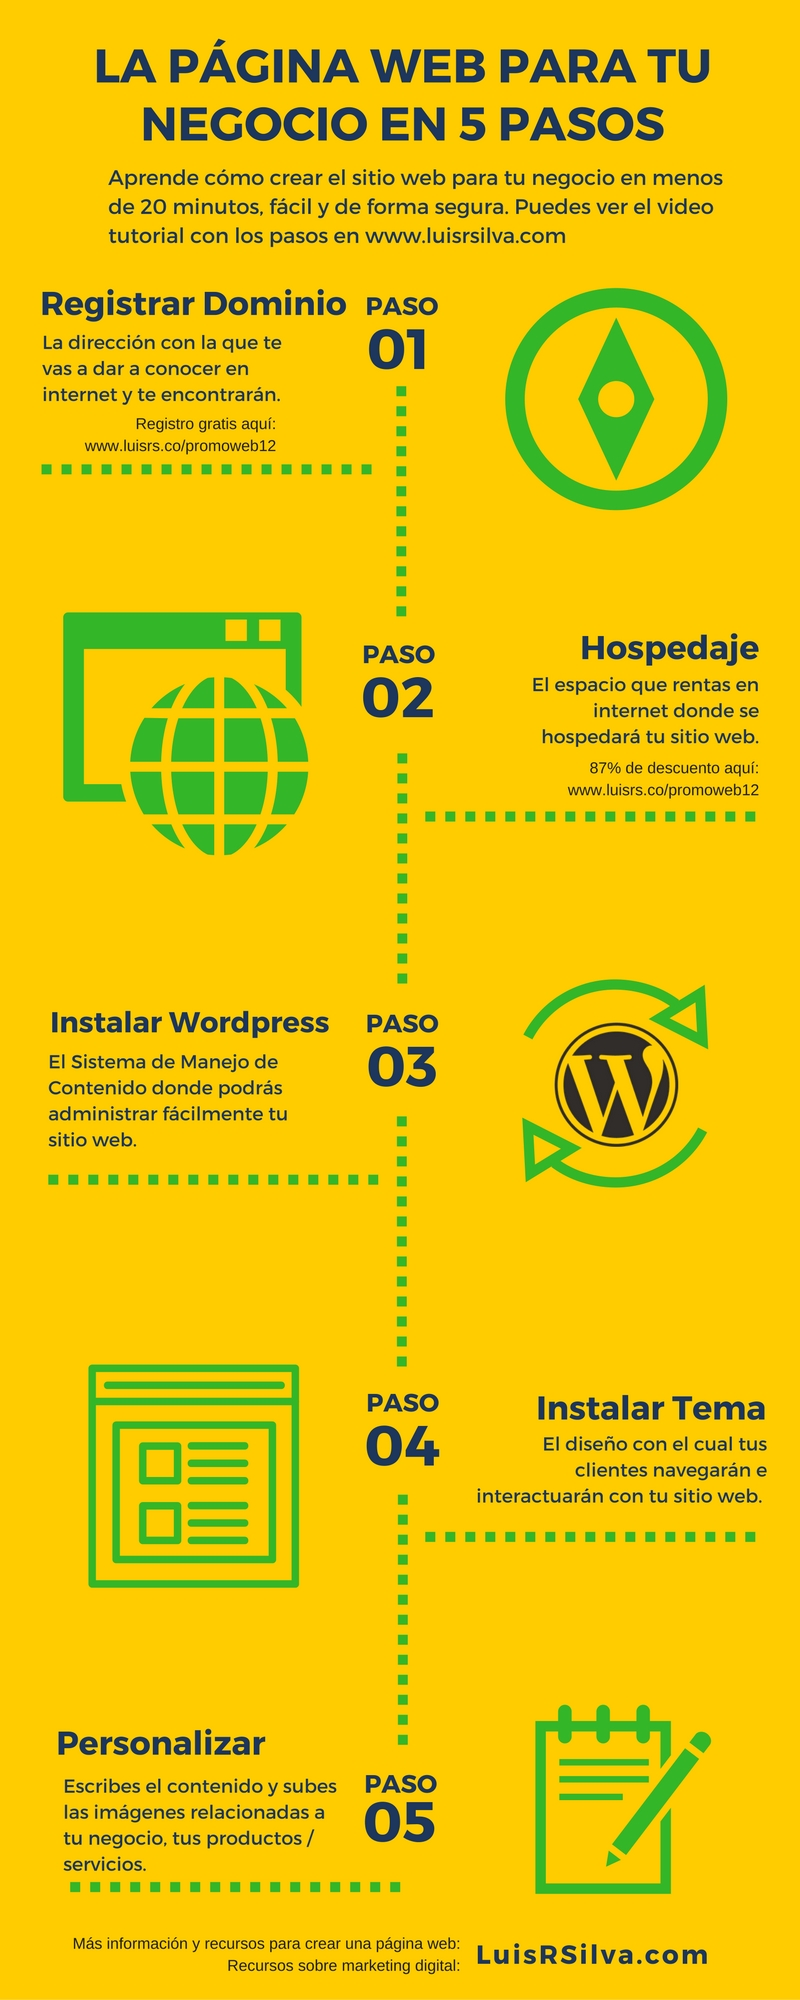 LA PÁGINA WEB PARA TU NEGOCIO EN 5 PASOS